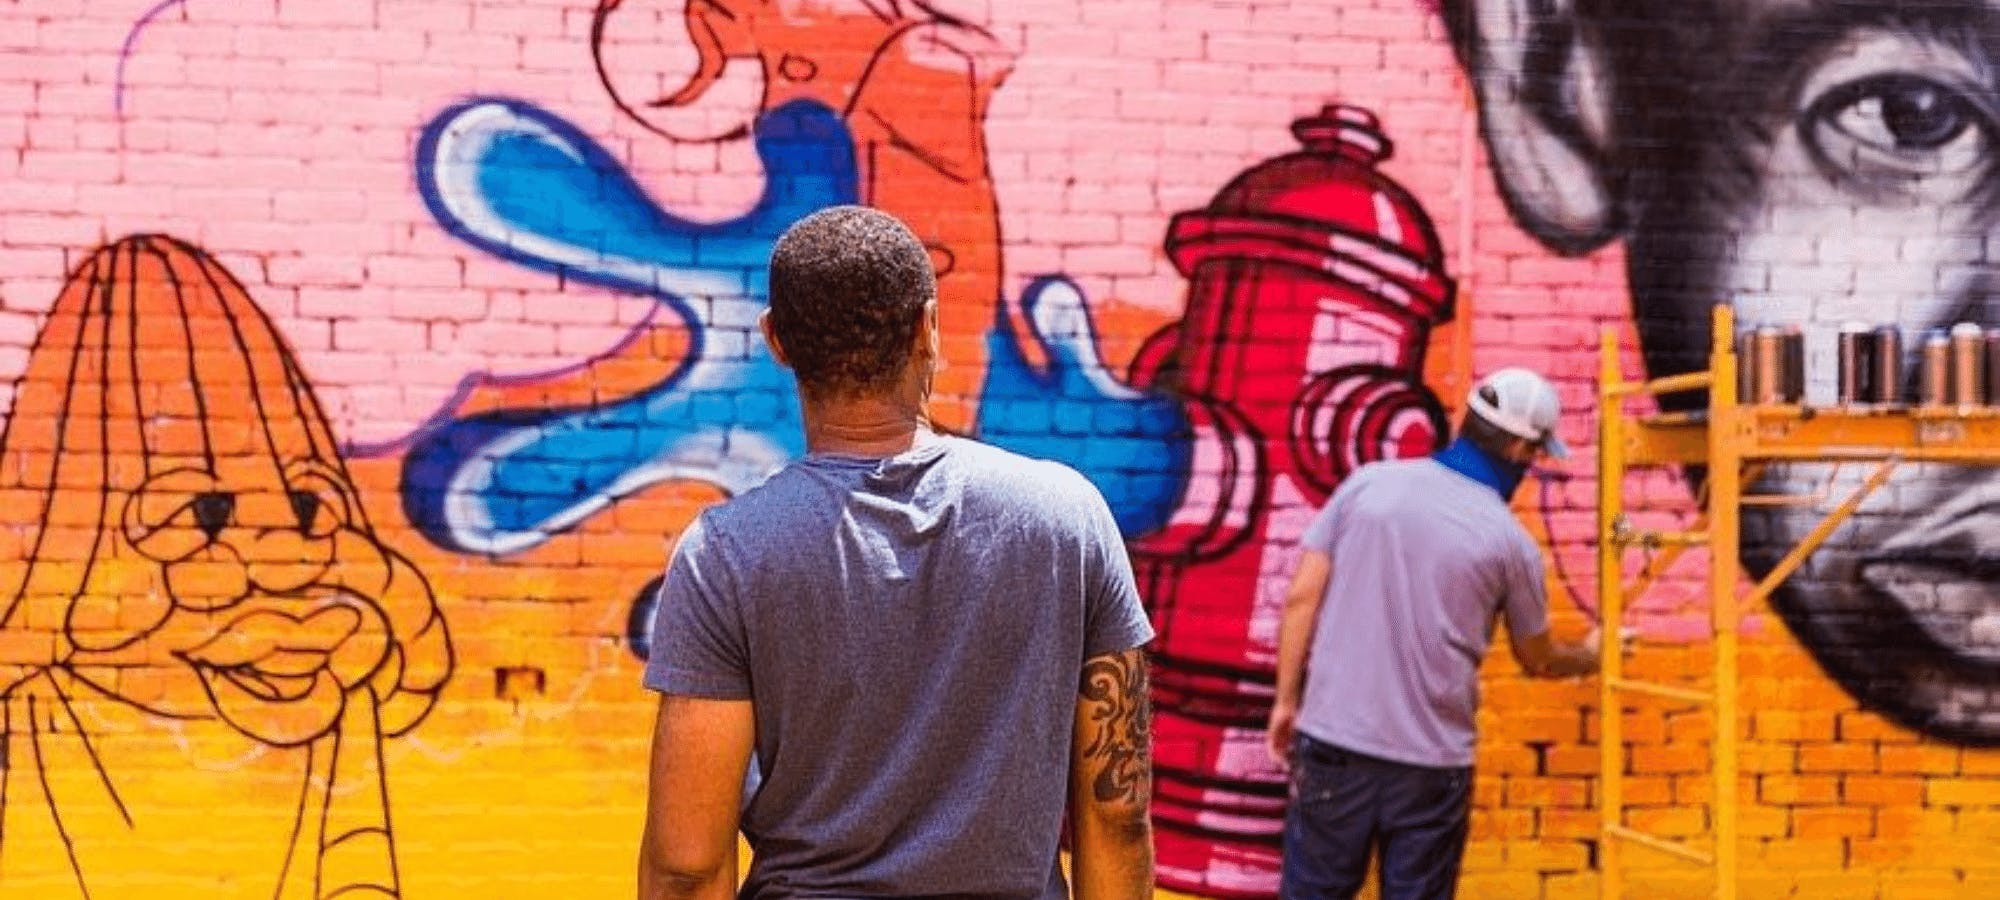 Downtown Richmond Street Art